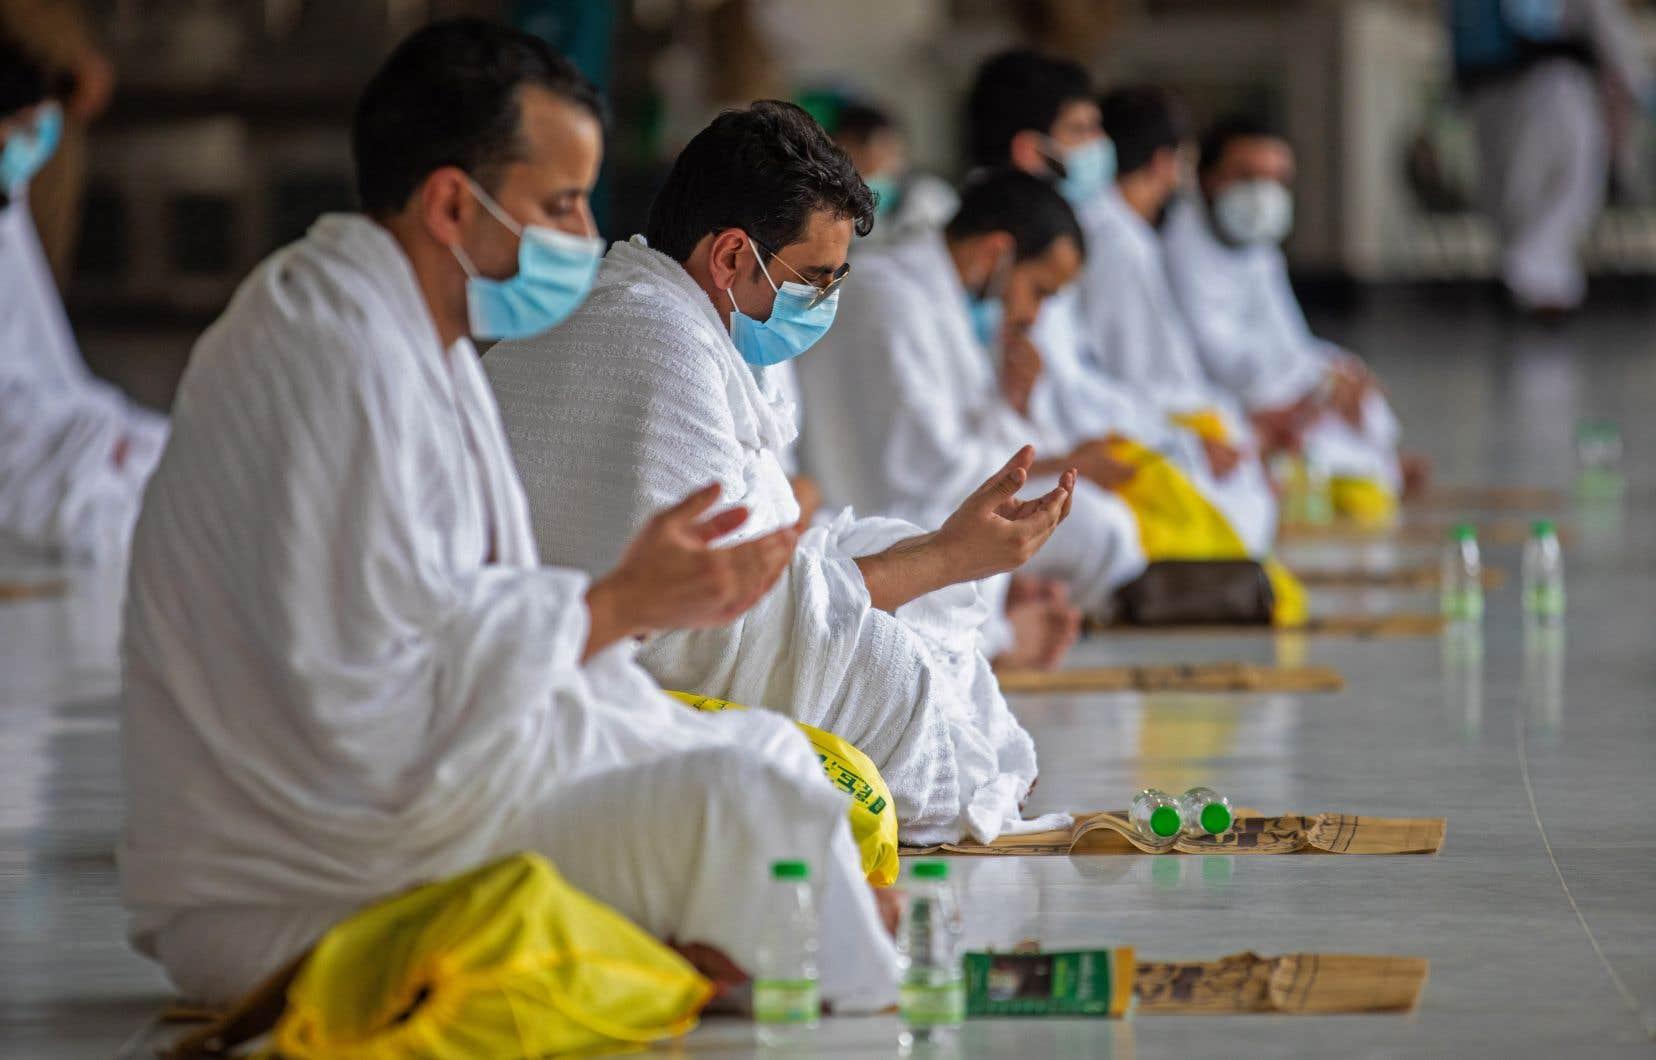 Pour cause de pandémie de COVID-19, les pèlerins ne seront pas autorisés cette année à toucher la Kaaba, pour limiter les risques d'infection selon les autorités qui disent avoir déployé cliniques mobiles et ambulances pour faire face à toute éventualité.